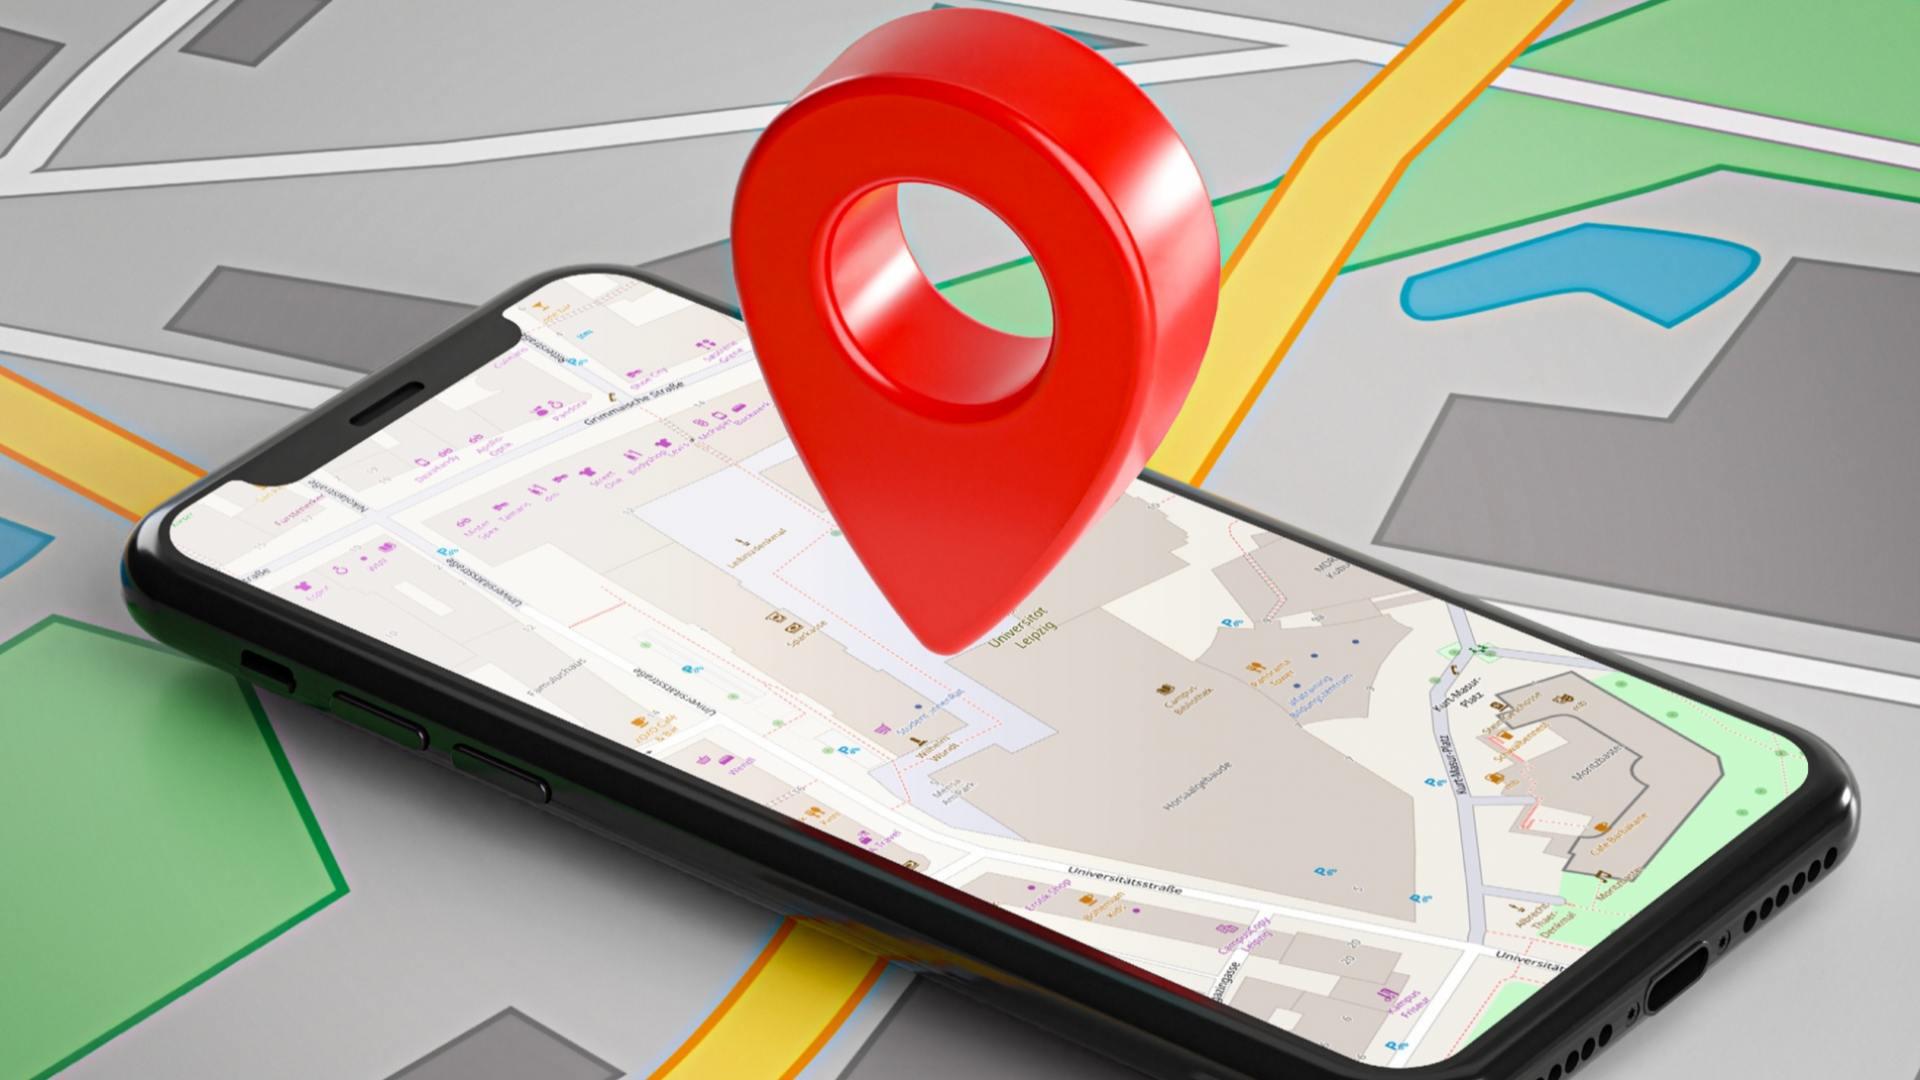 Öffentliche Geodaten bilden die Basis für Smart-City Anwendungen